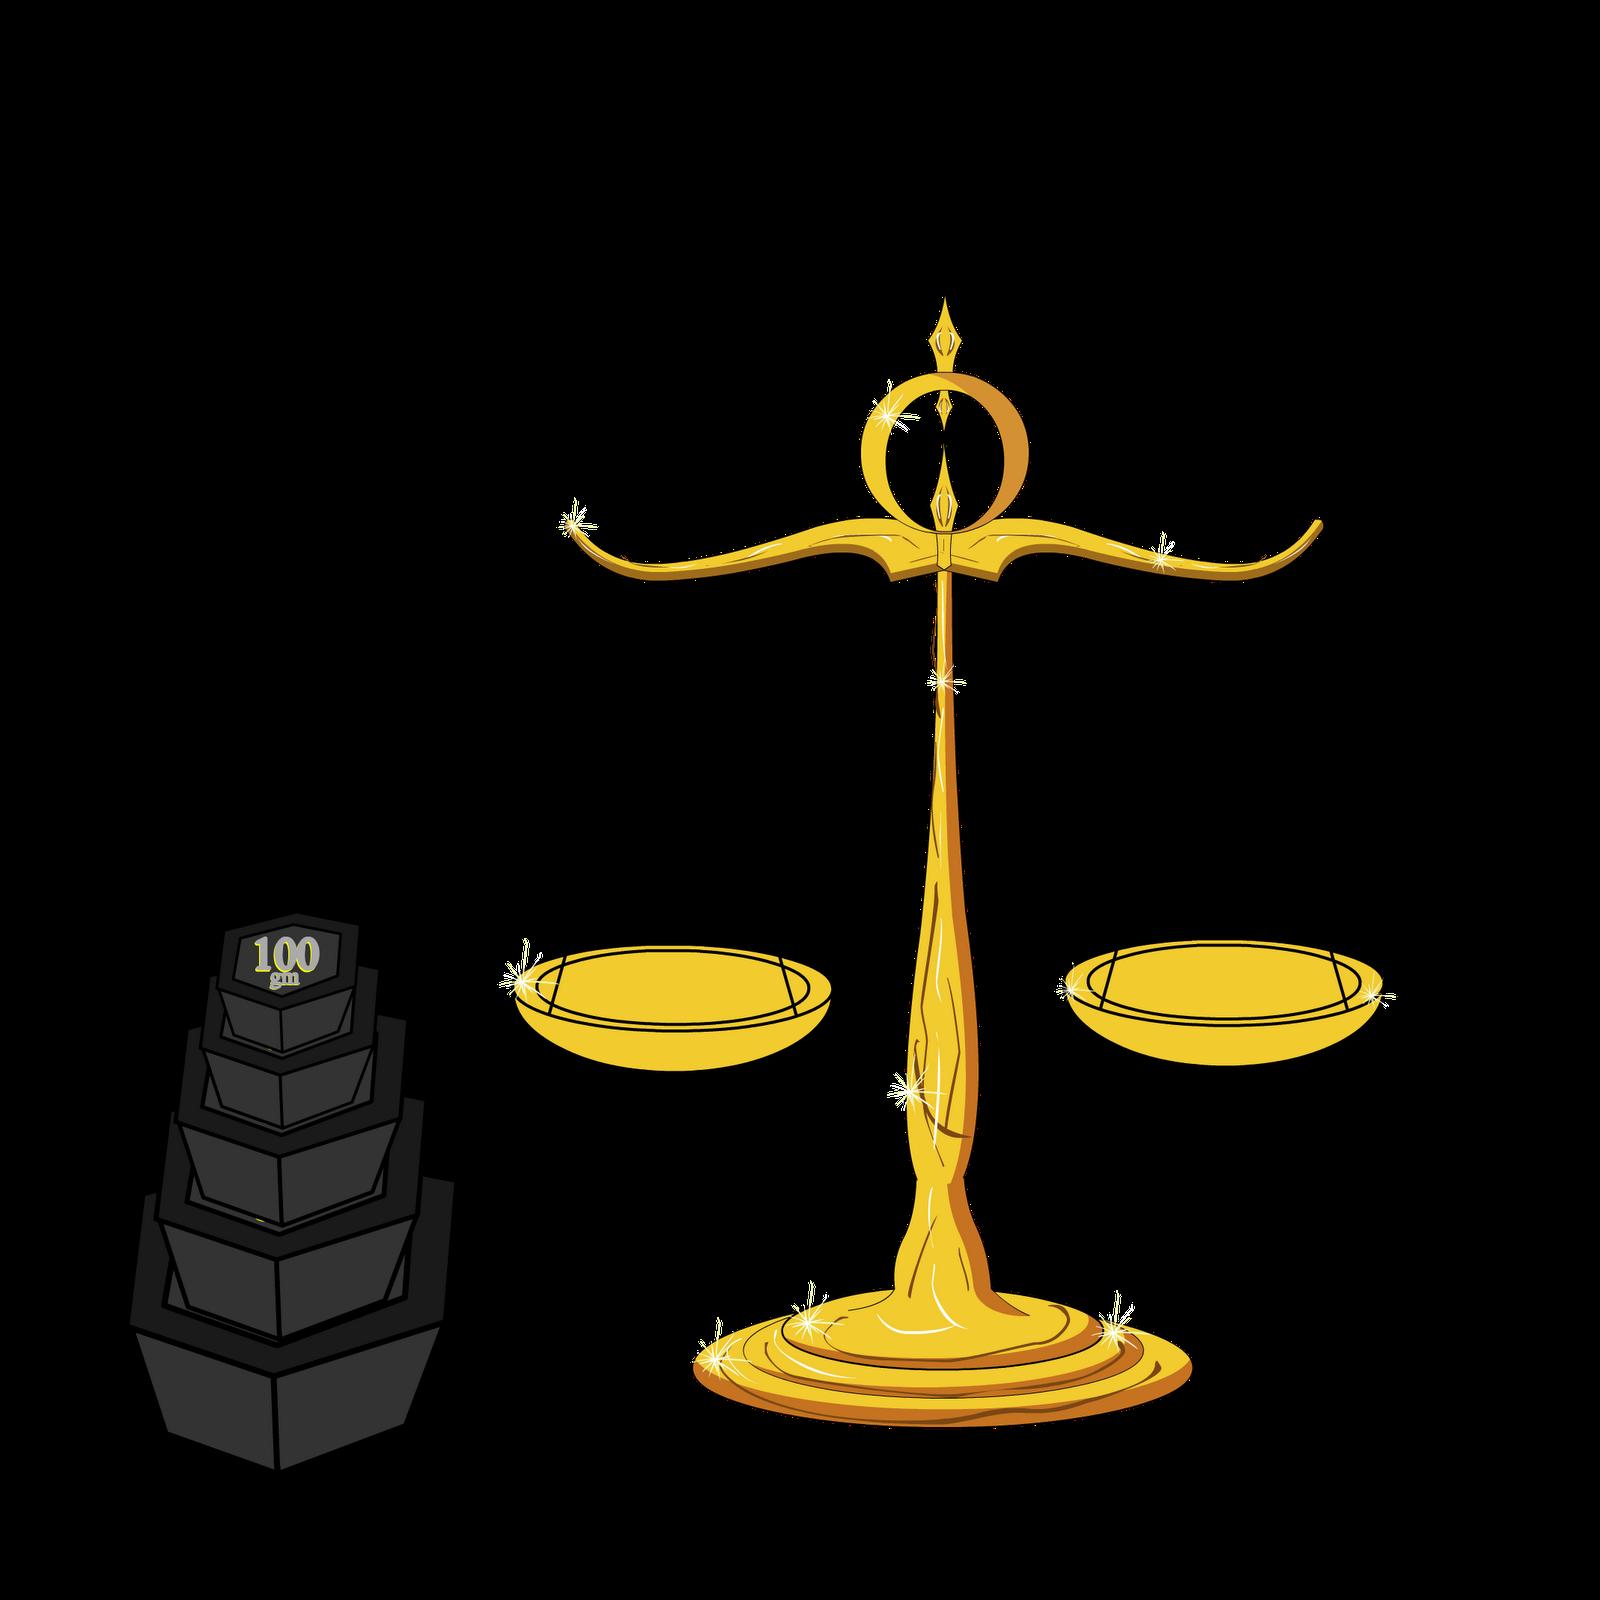 Narasimha s view may. Clipart ruler rular